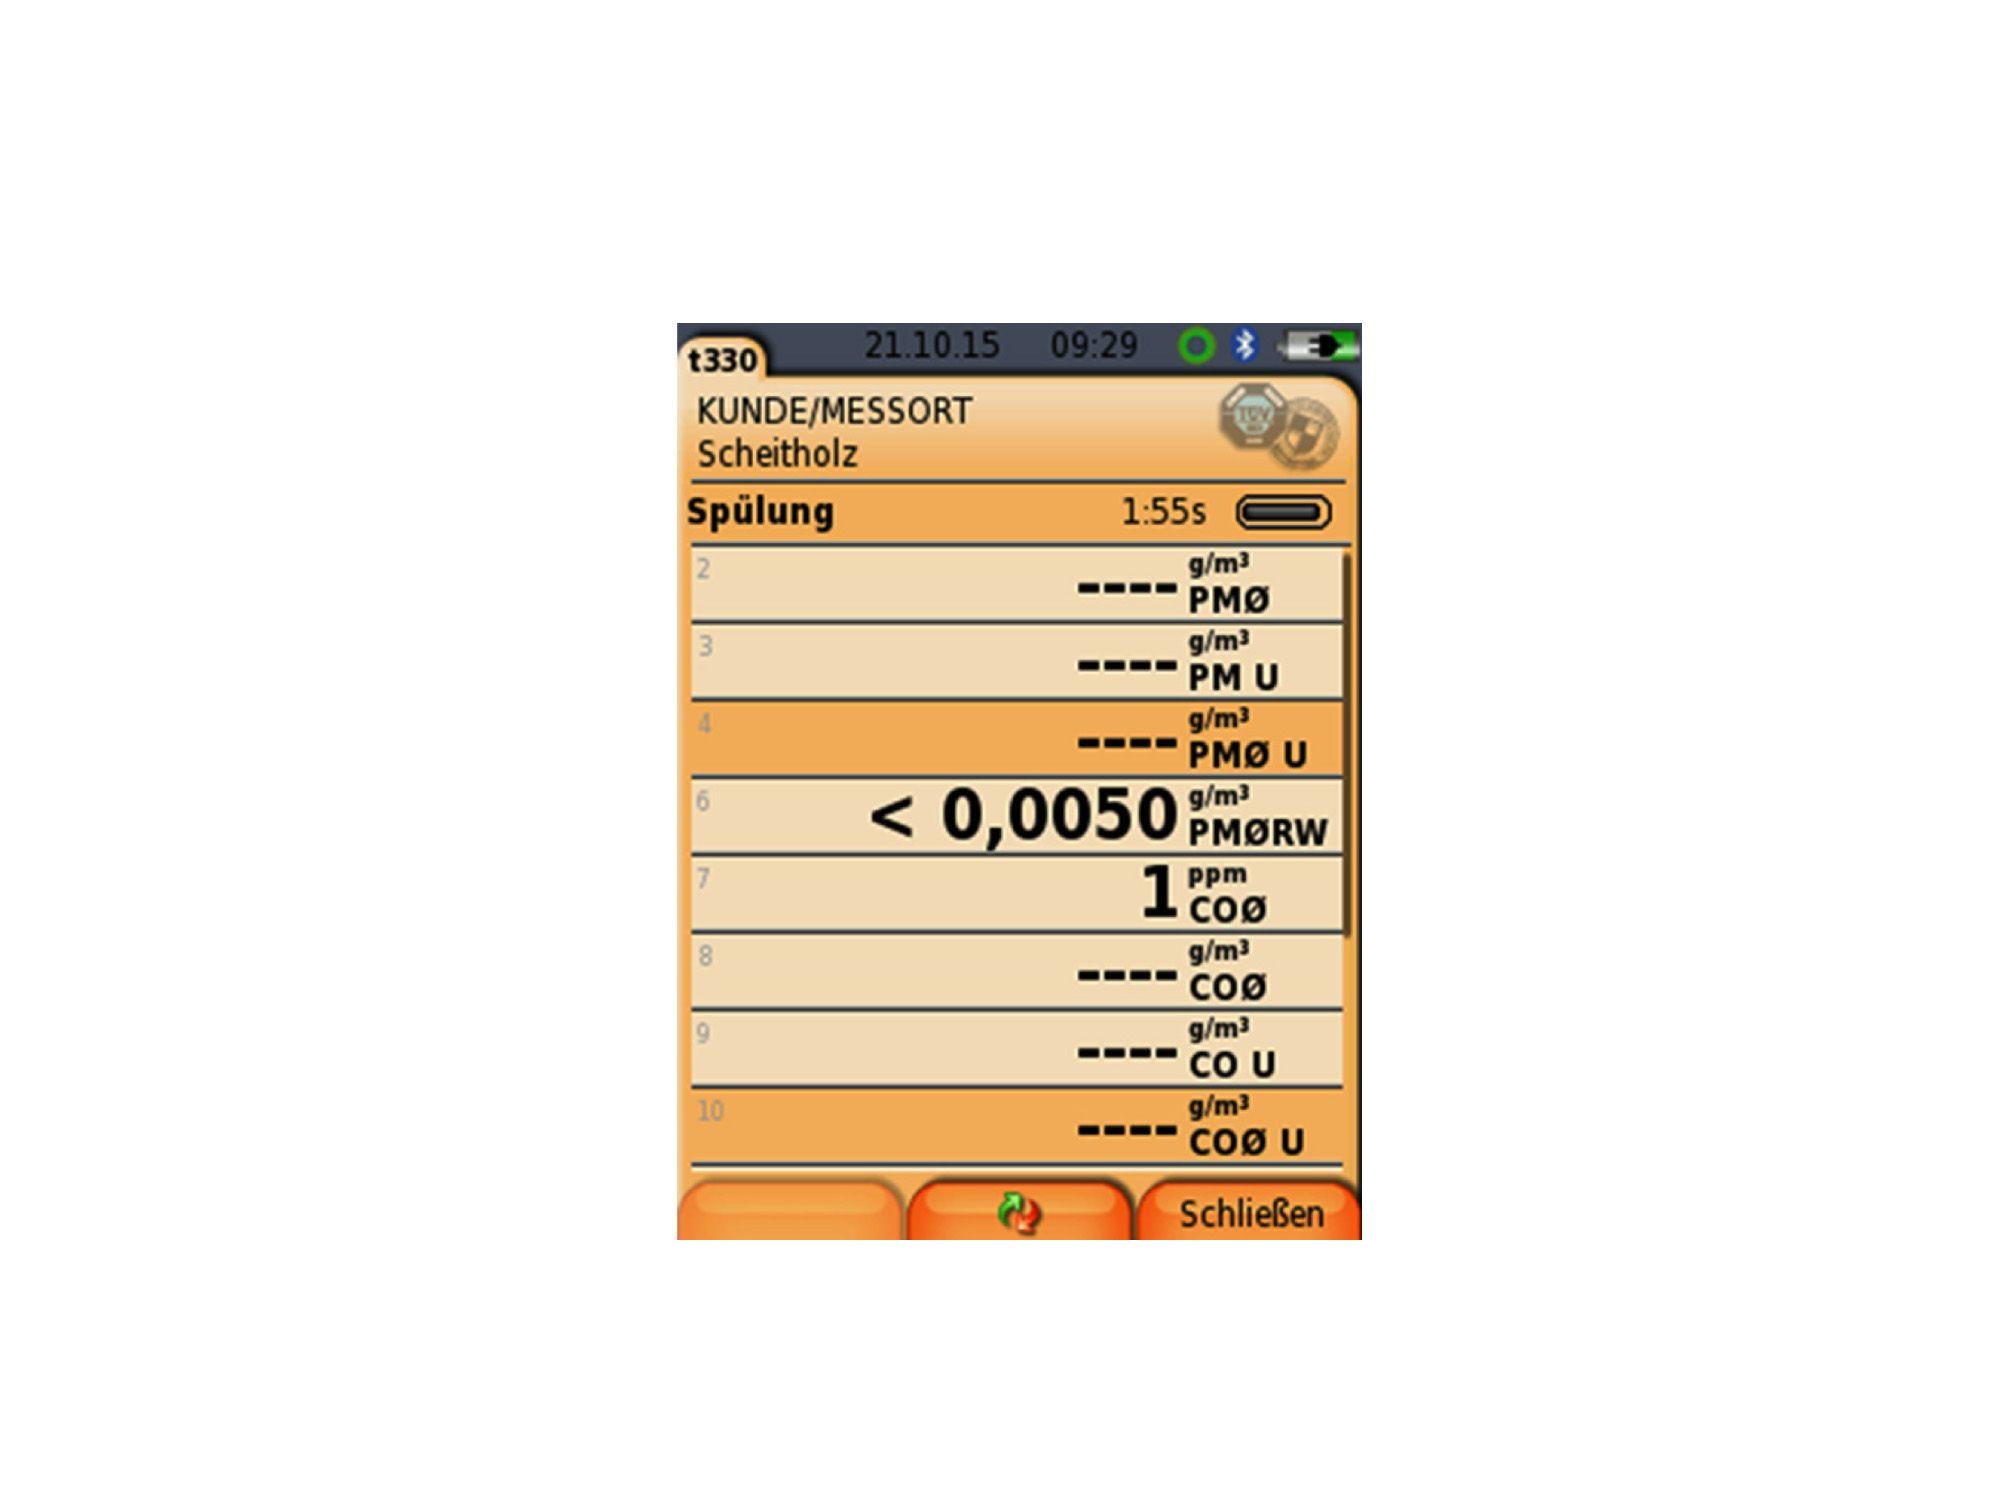 testo-380-auswertung-der-messergebnisse.jpg